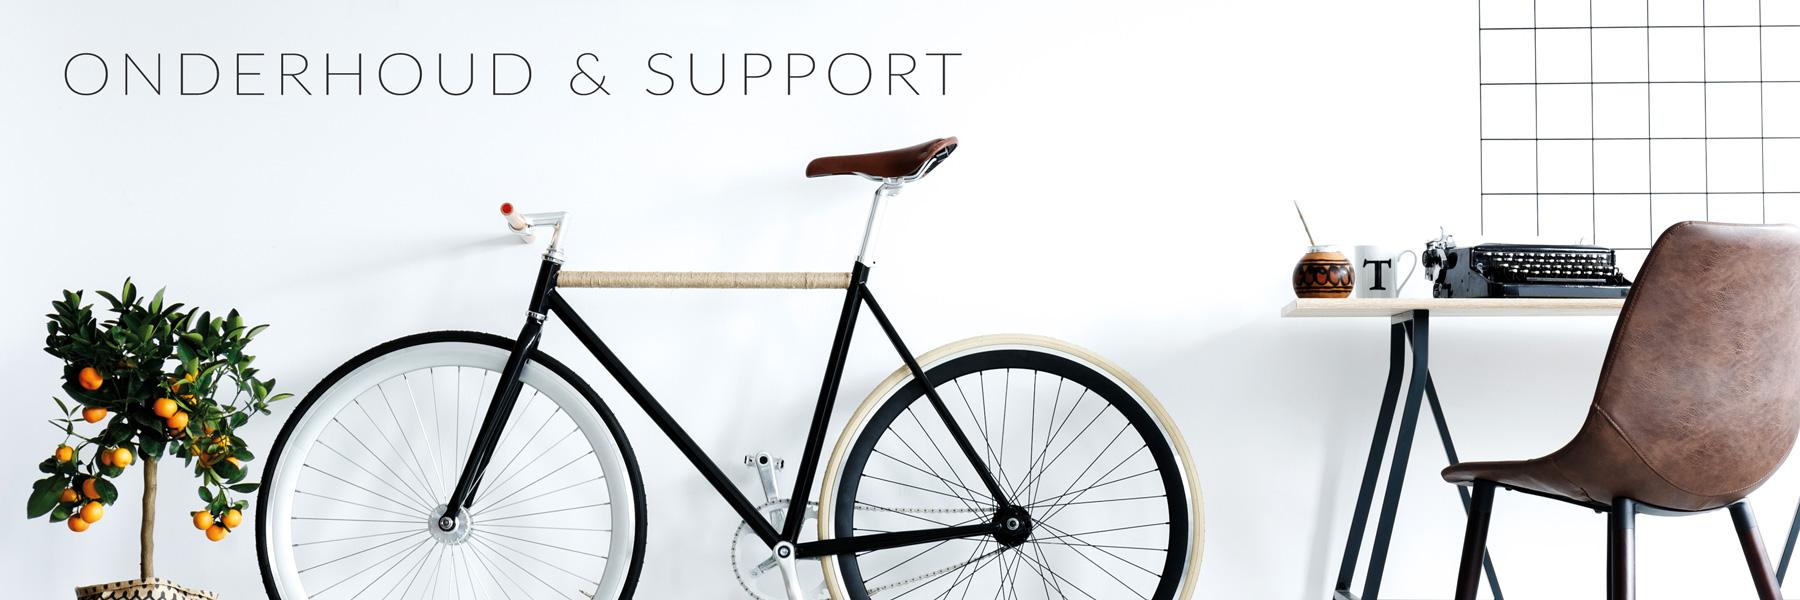 Wordpress onderhoud & support voor jouw website